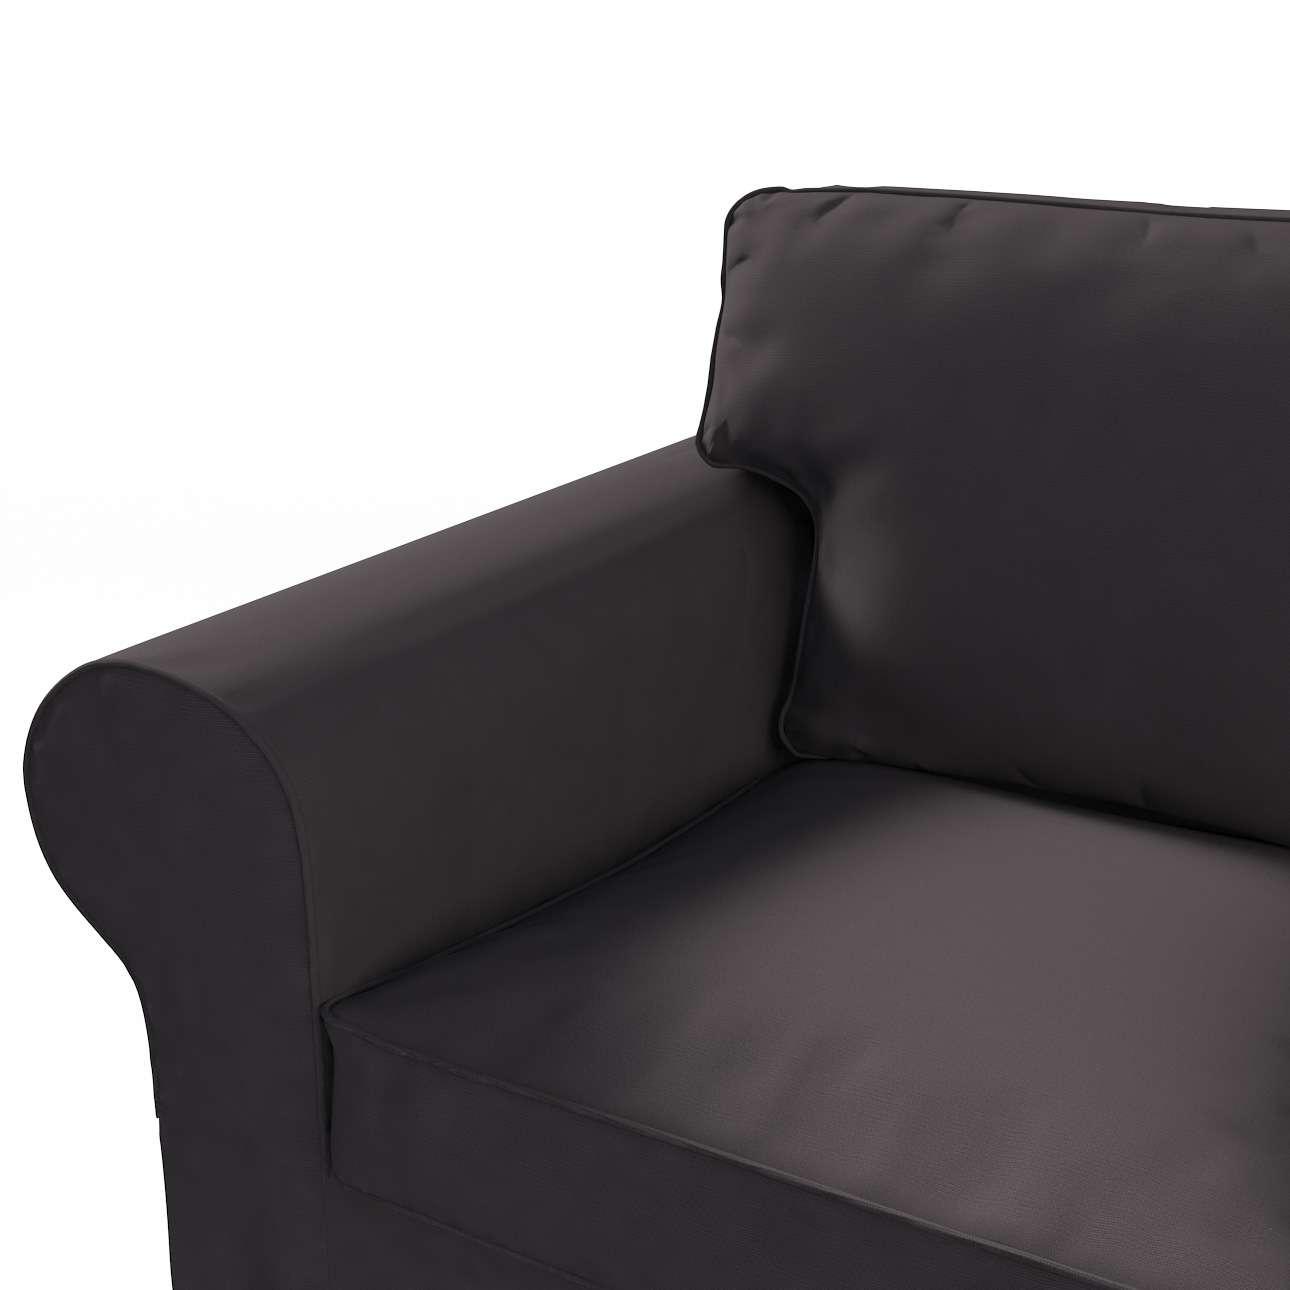 Pokrowiec na sofę Ektorp 3-osobową, rozkładaną STARY MODEL Sofa Ektorp 3-osobowa rozkładana w kolekcji Cotton Panama, tkanina: 702-09